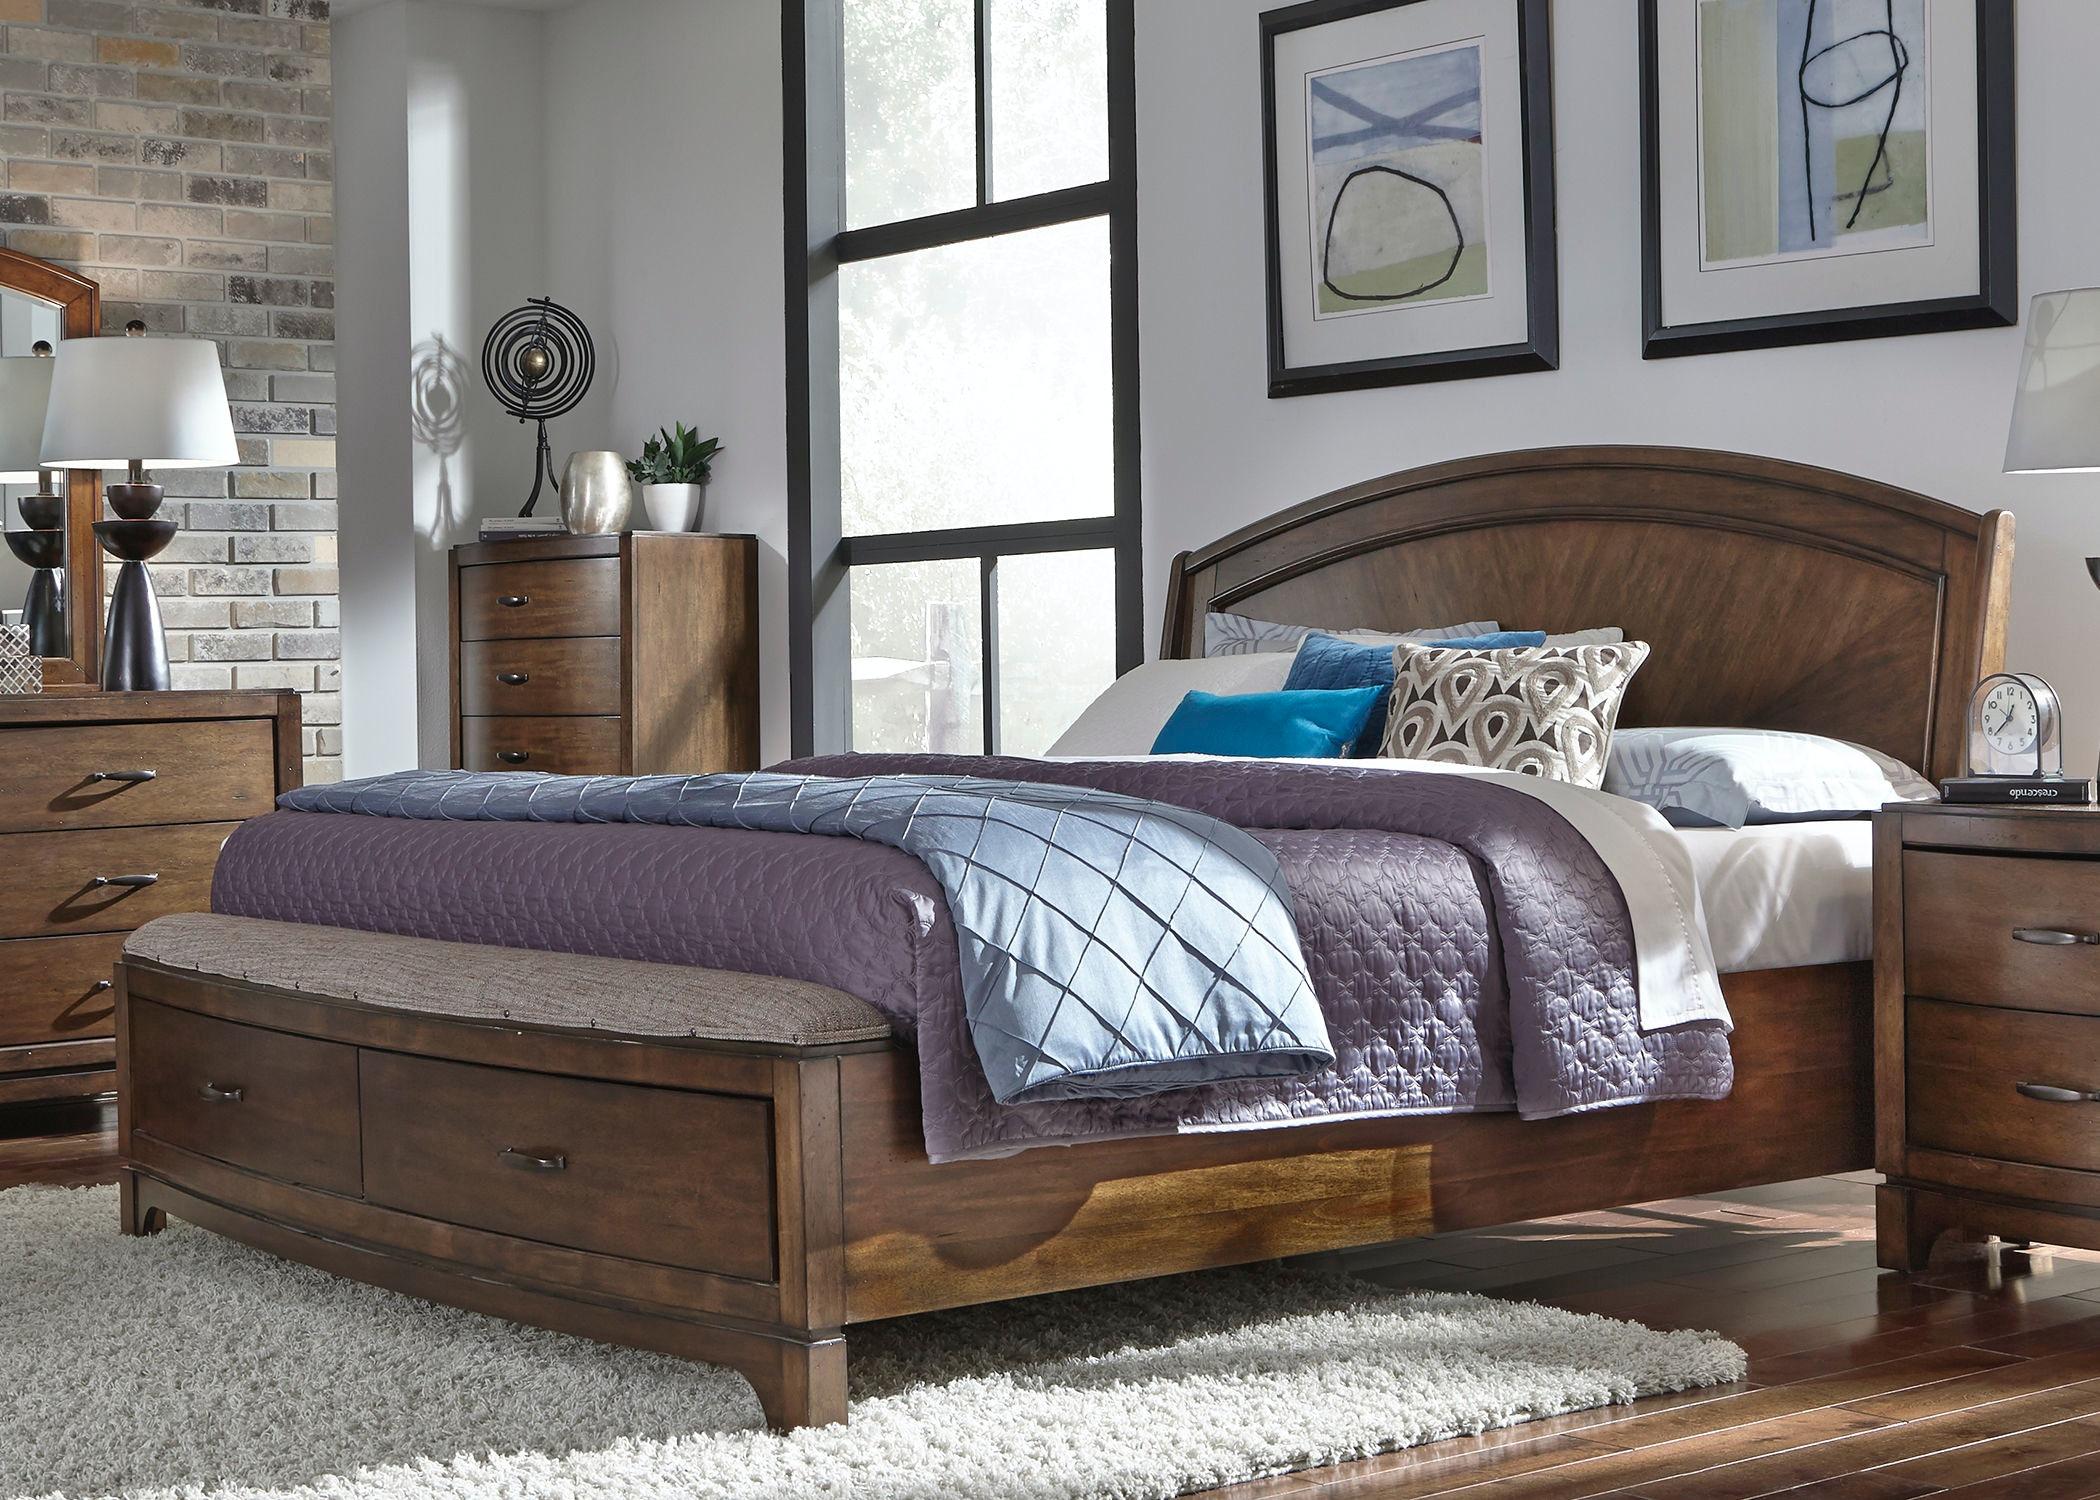 Liberty Furniture Bedroom Queen Panel Storage Bed